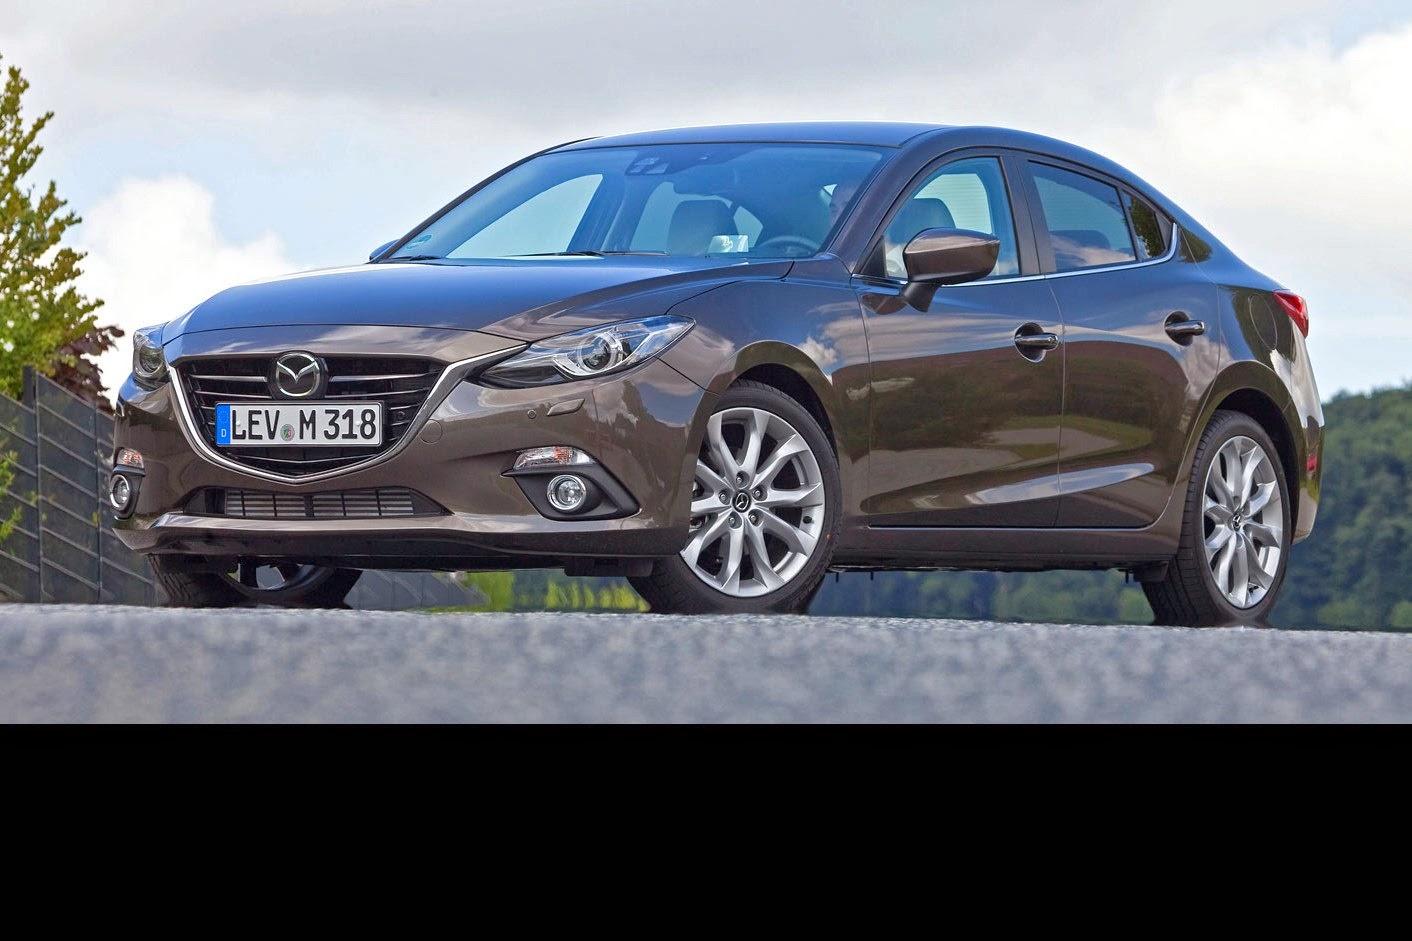 http://1.bp.blogspot.com/-9fq8wL_zP9M/UyvmetQ416I/AAAAAAAADDU/iyYwkD4lTJs/s1600/2014-Mazda3-Sedan-2%5B2%5D.jpg